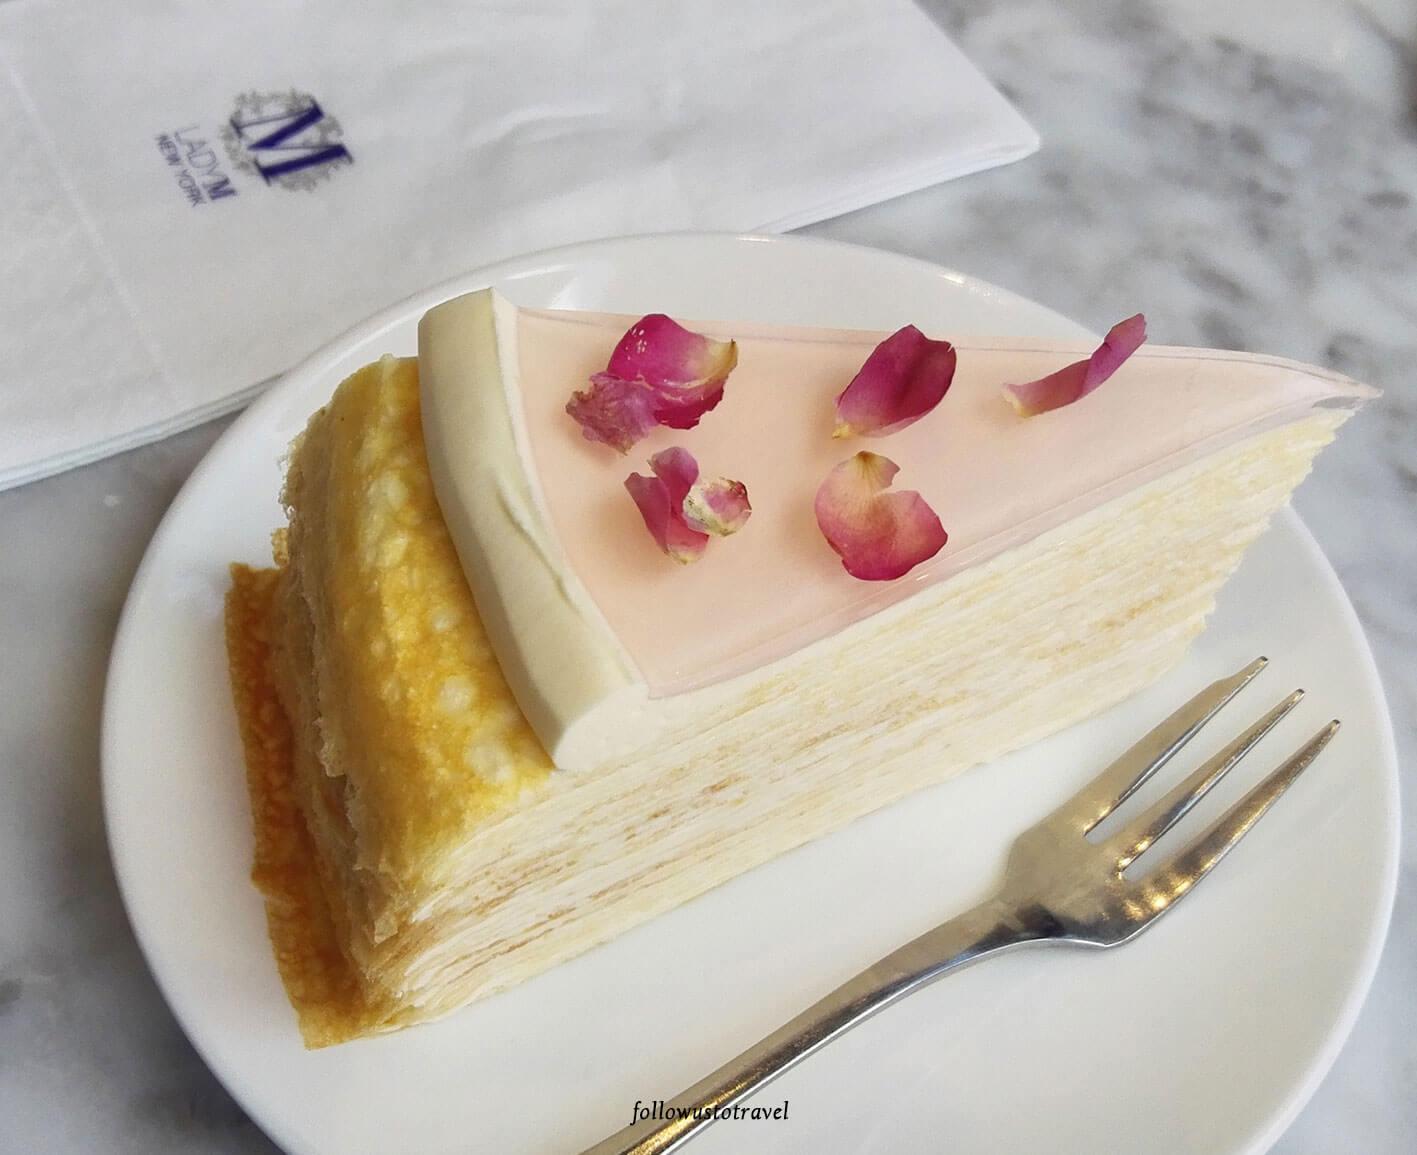 lady M 皇牌原味千层蛋糕